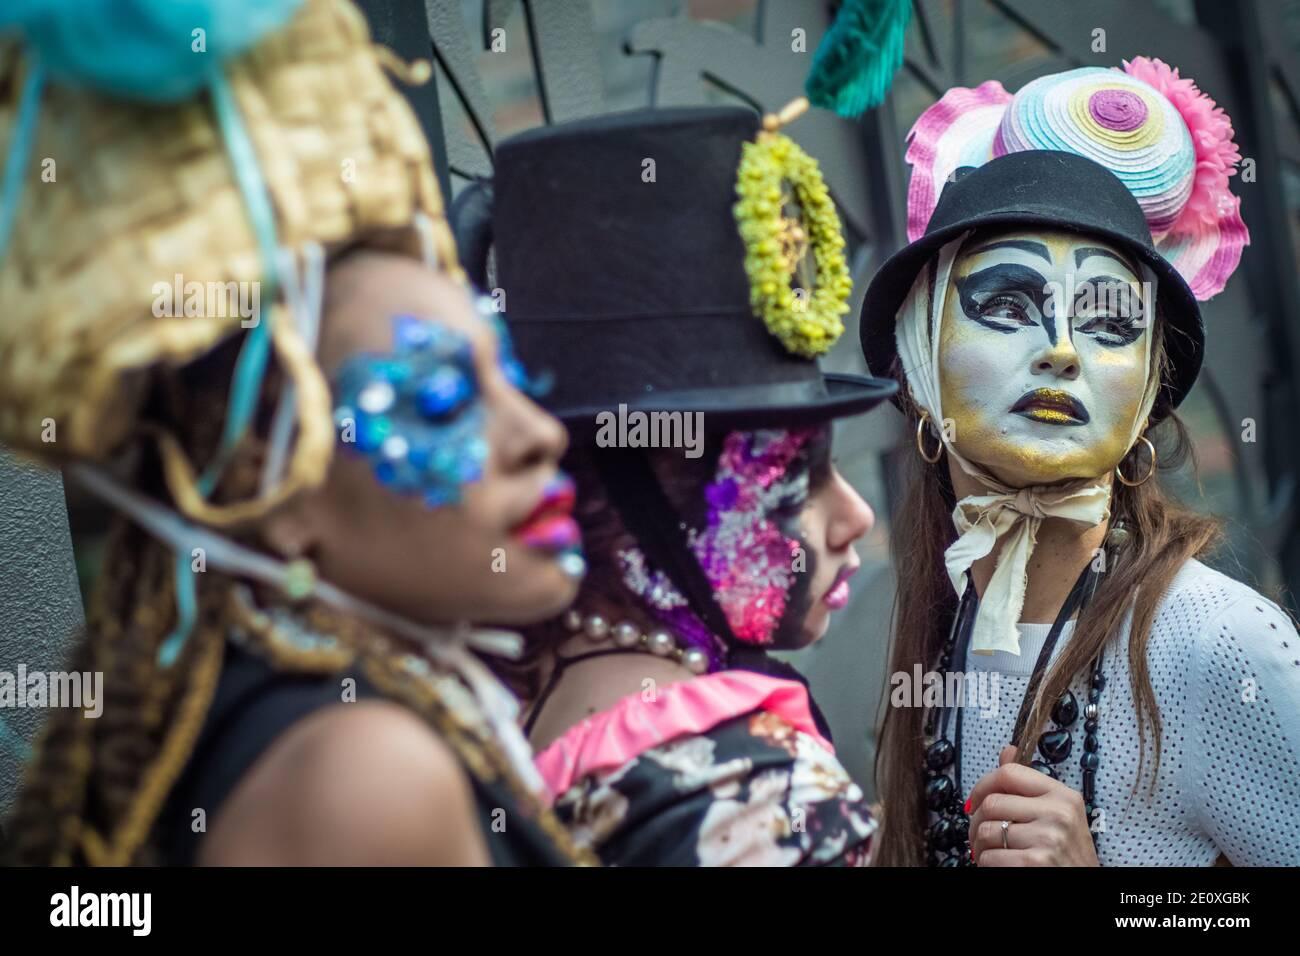 London, Großbritannien. Januar 2021. Models nehmen an einer farbenfrohen Flashmob Street Fashion Show in der Nähe des Sloane Square für den Designer Pierre Garroudi Teil. Kredit: Guy Corbishley / Alamy Live Nachrichten Stockfoto